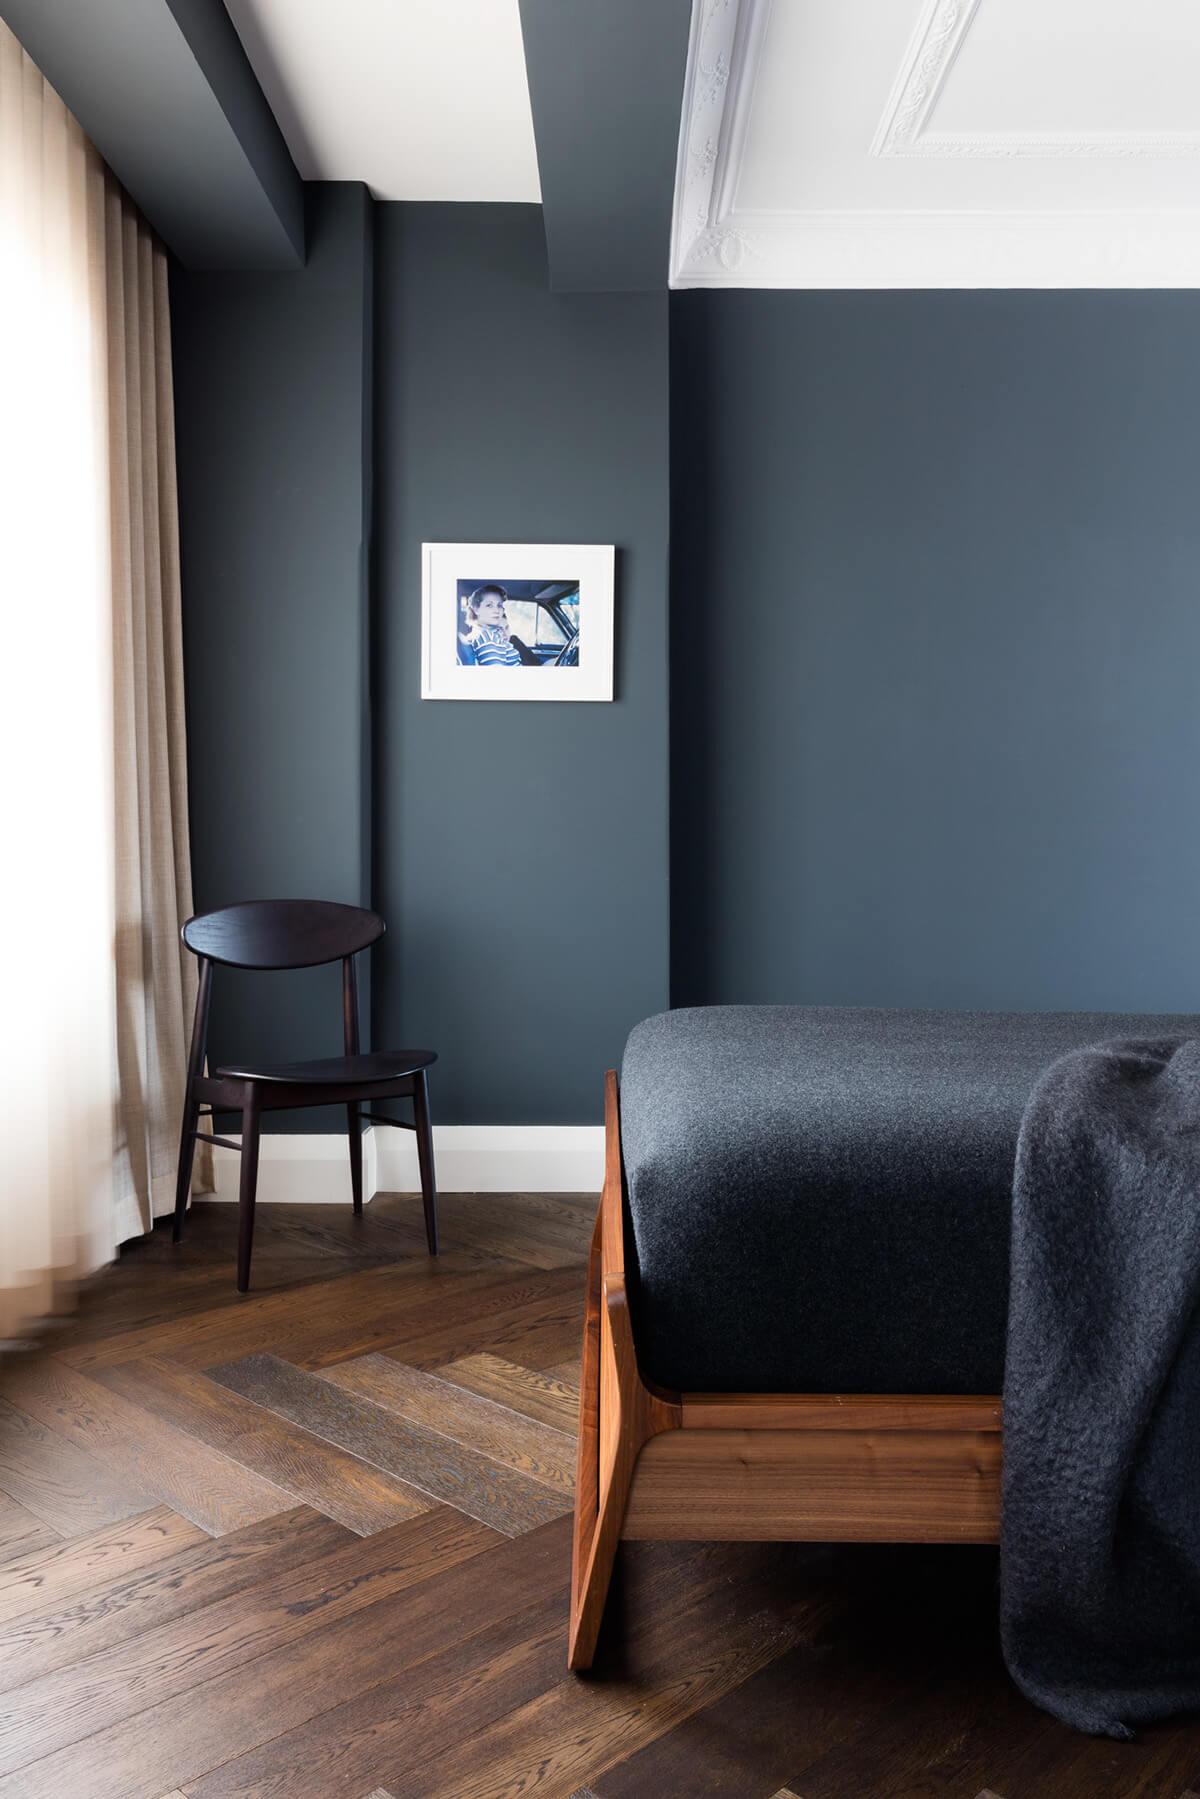 Chambre avec mur gris foncé